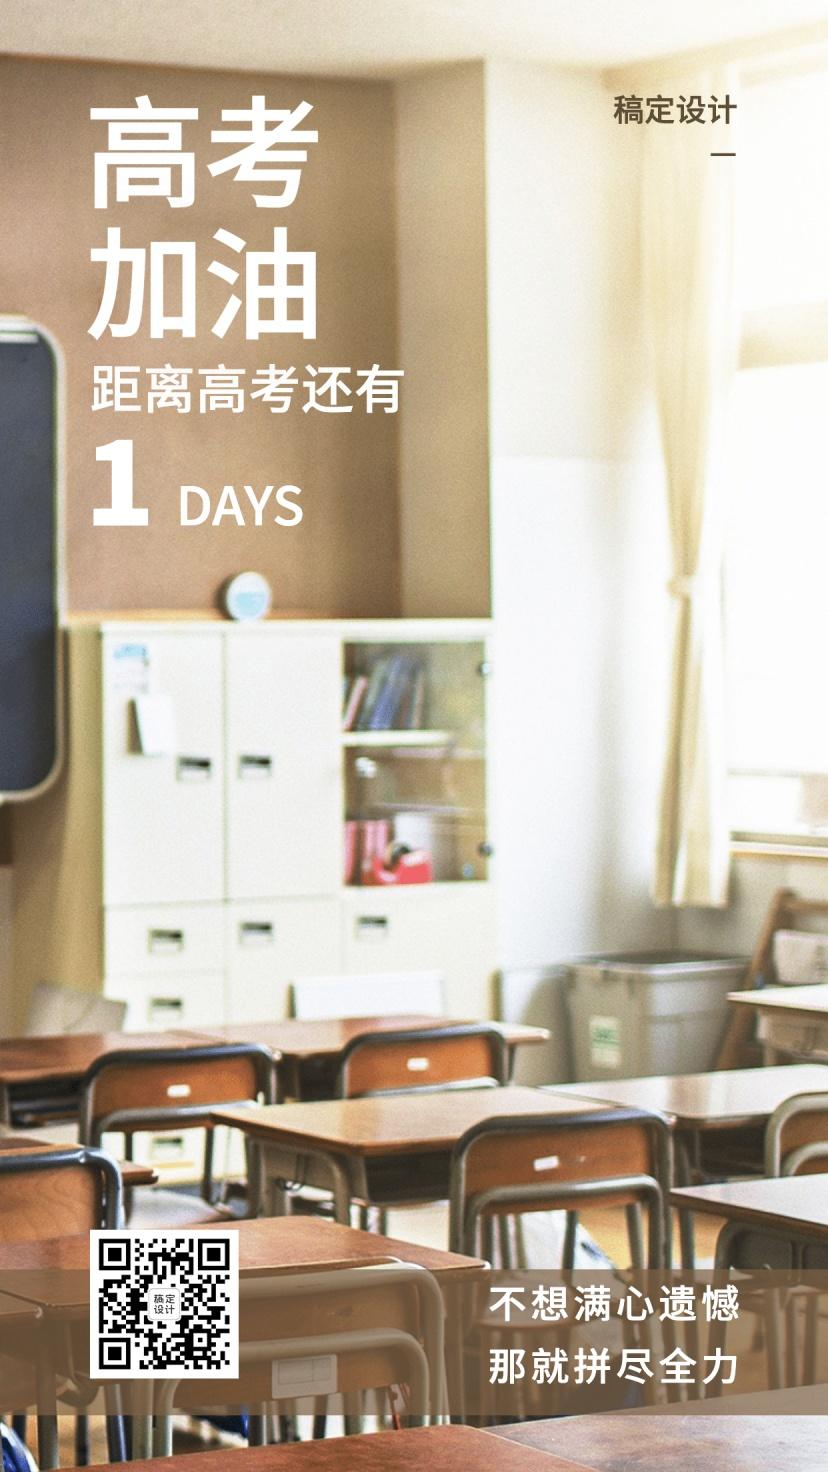 高考加油中考倒计时教室手机海报